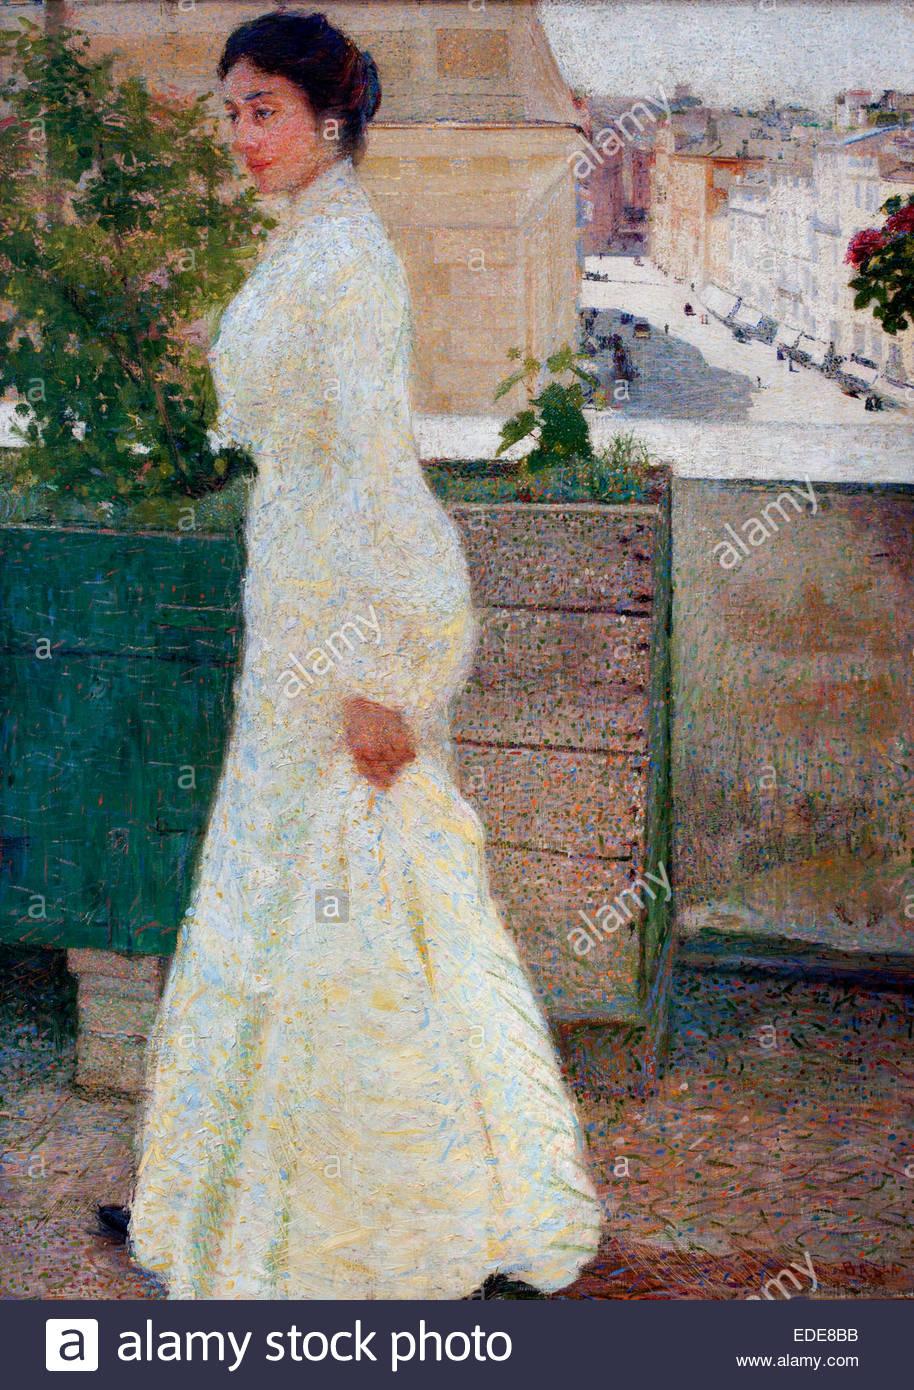 Ritratto all'aperto - outdoor portret 1902 Giacomo Balla, Italia, italiano. Immagini Stock